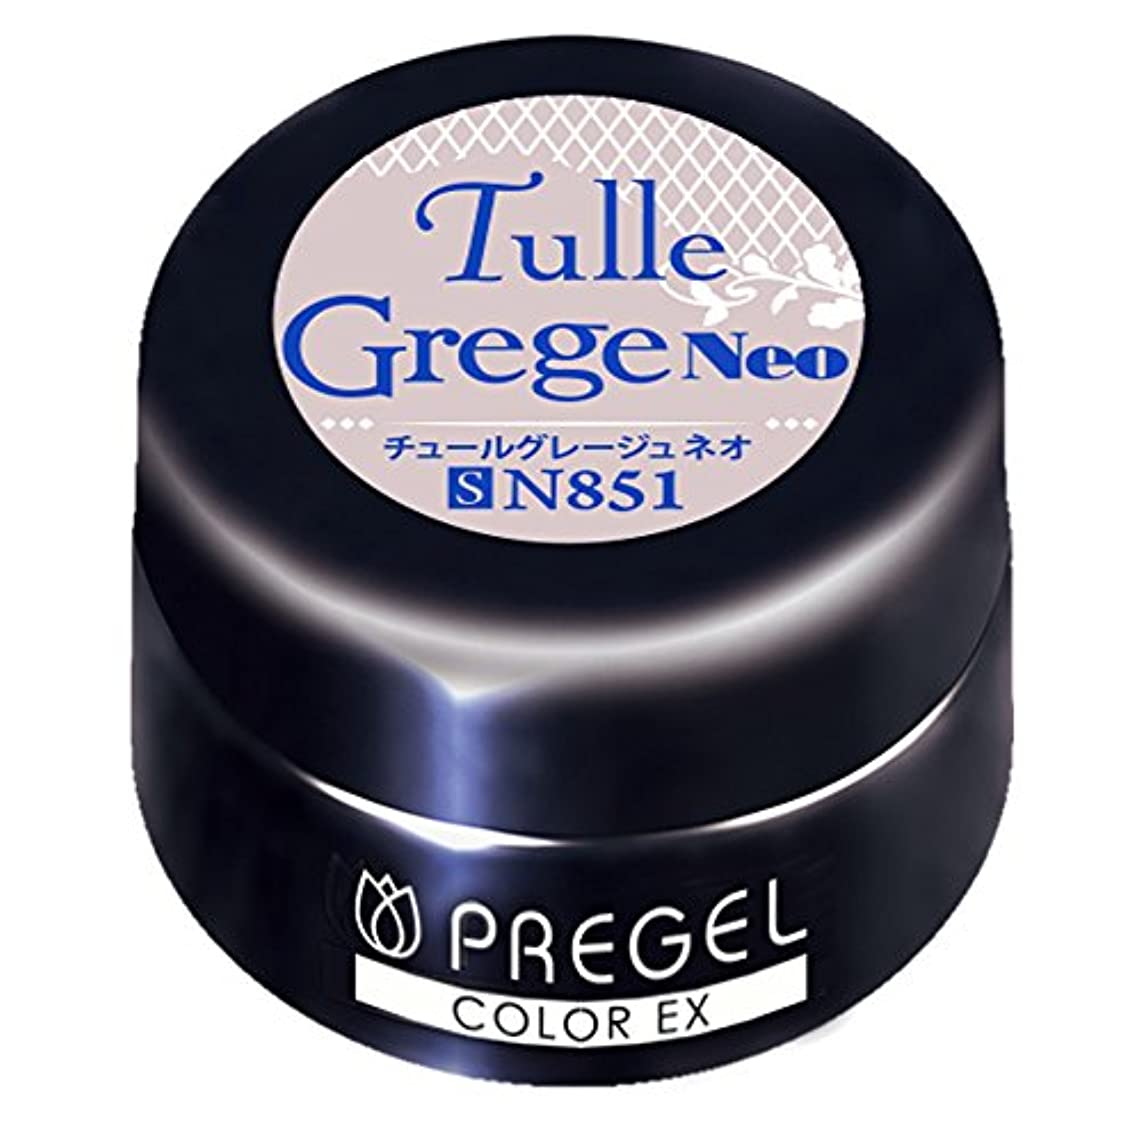 ヒロインさまようミュウミュウPRE GEL カラーEX チュールグレージュ neo 851 3g UV/LED対応